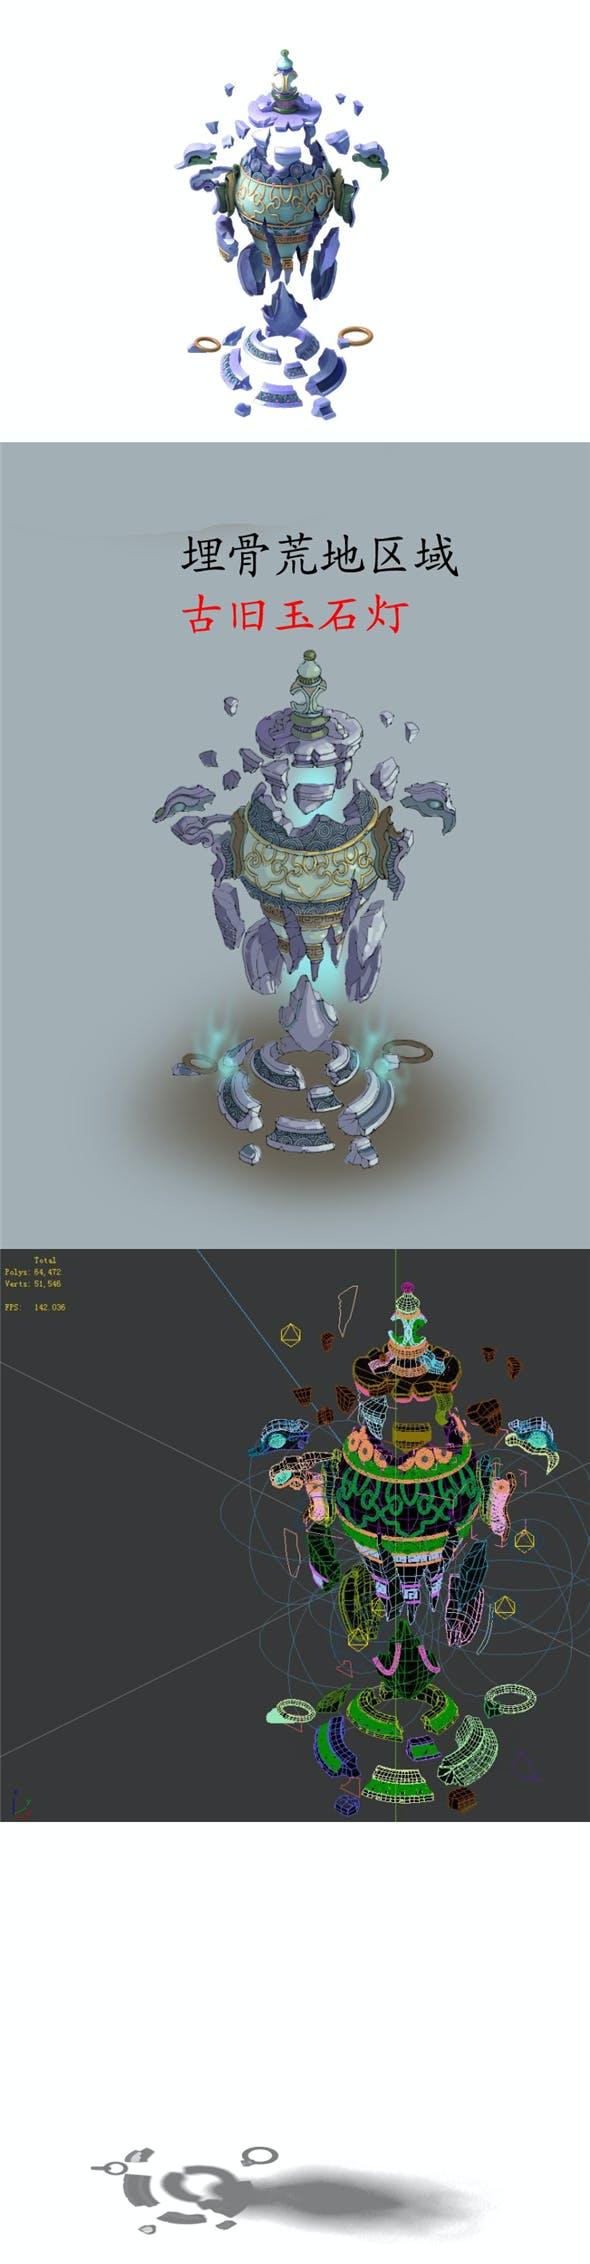 Game model - ancient jade lamp - 3DOcean Item for Sale